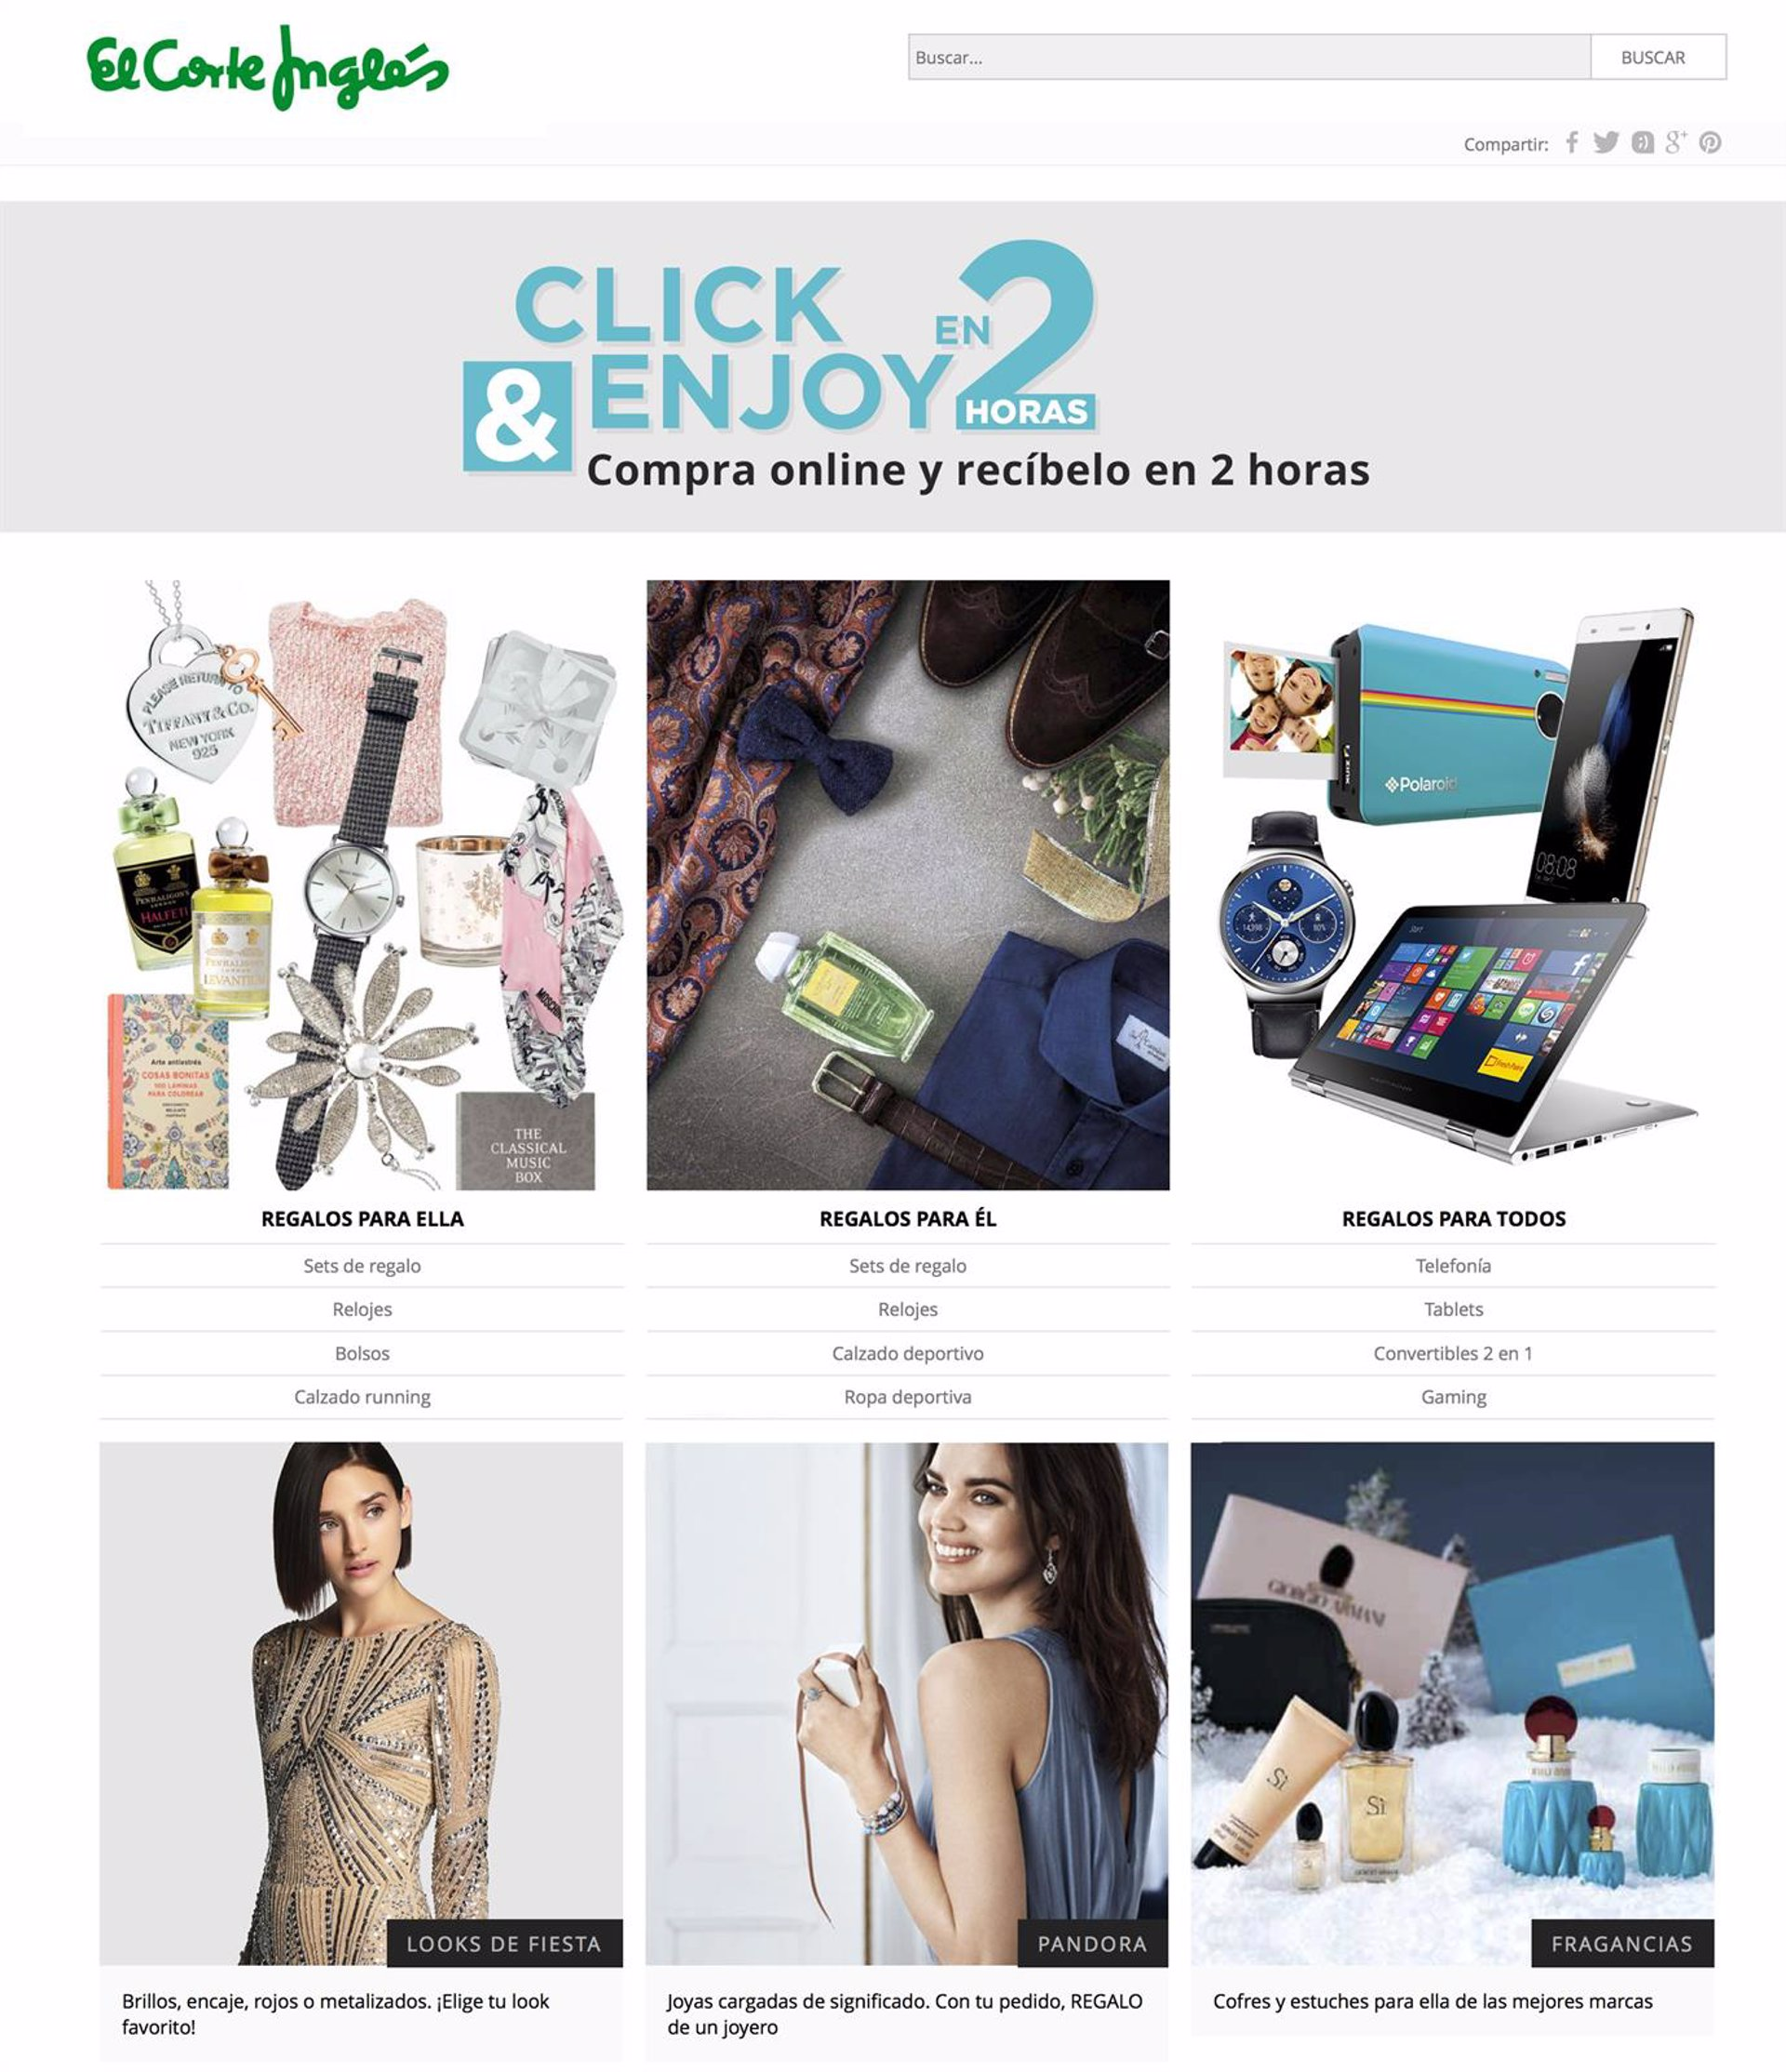 41d02b74e Las ventas 'online' de El Corte Inglés aumentan un 20% en 2018 y abrirá  tienda propia en Tmall (Alibaba)